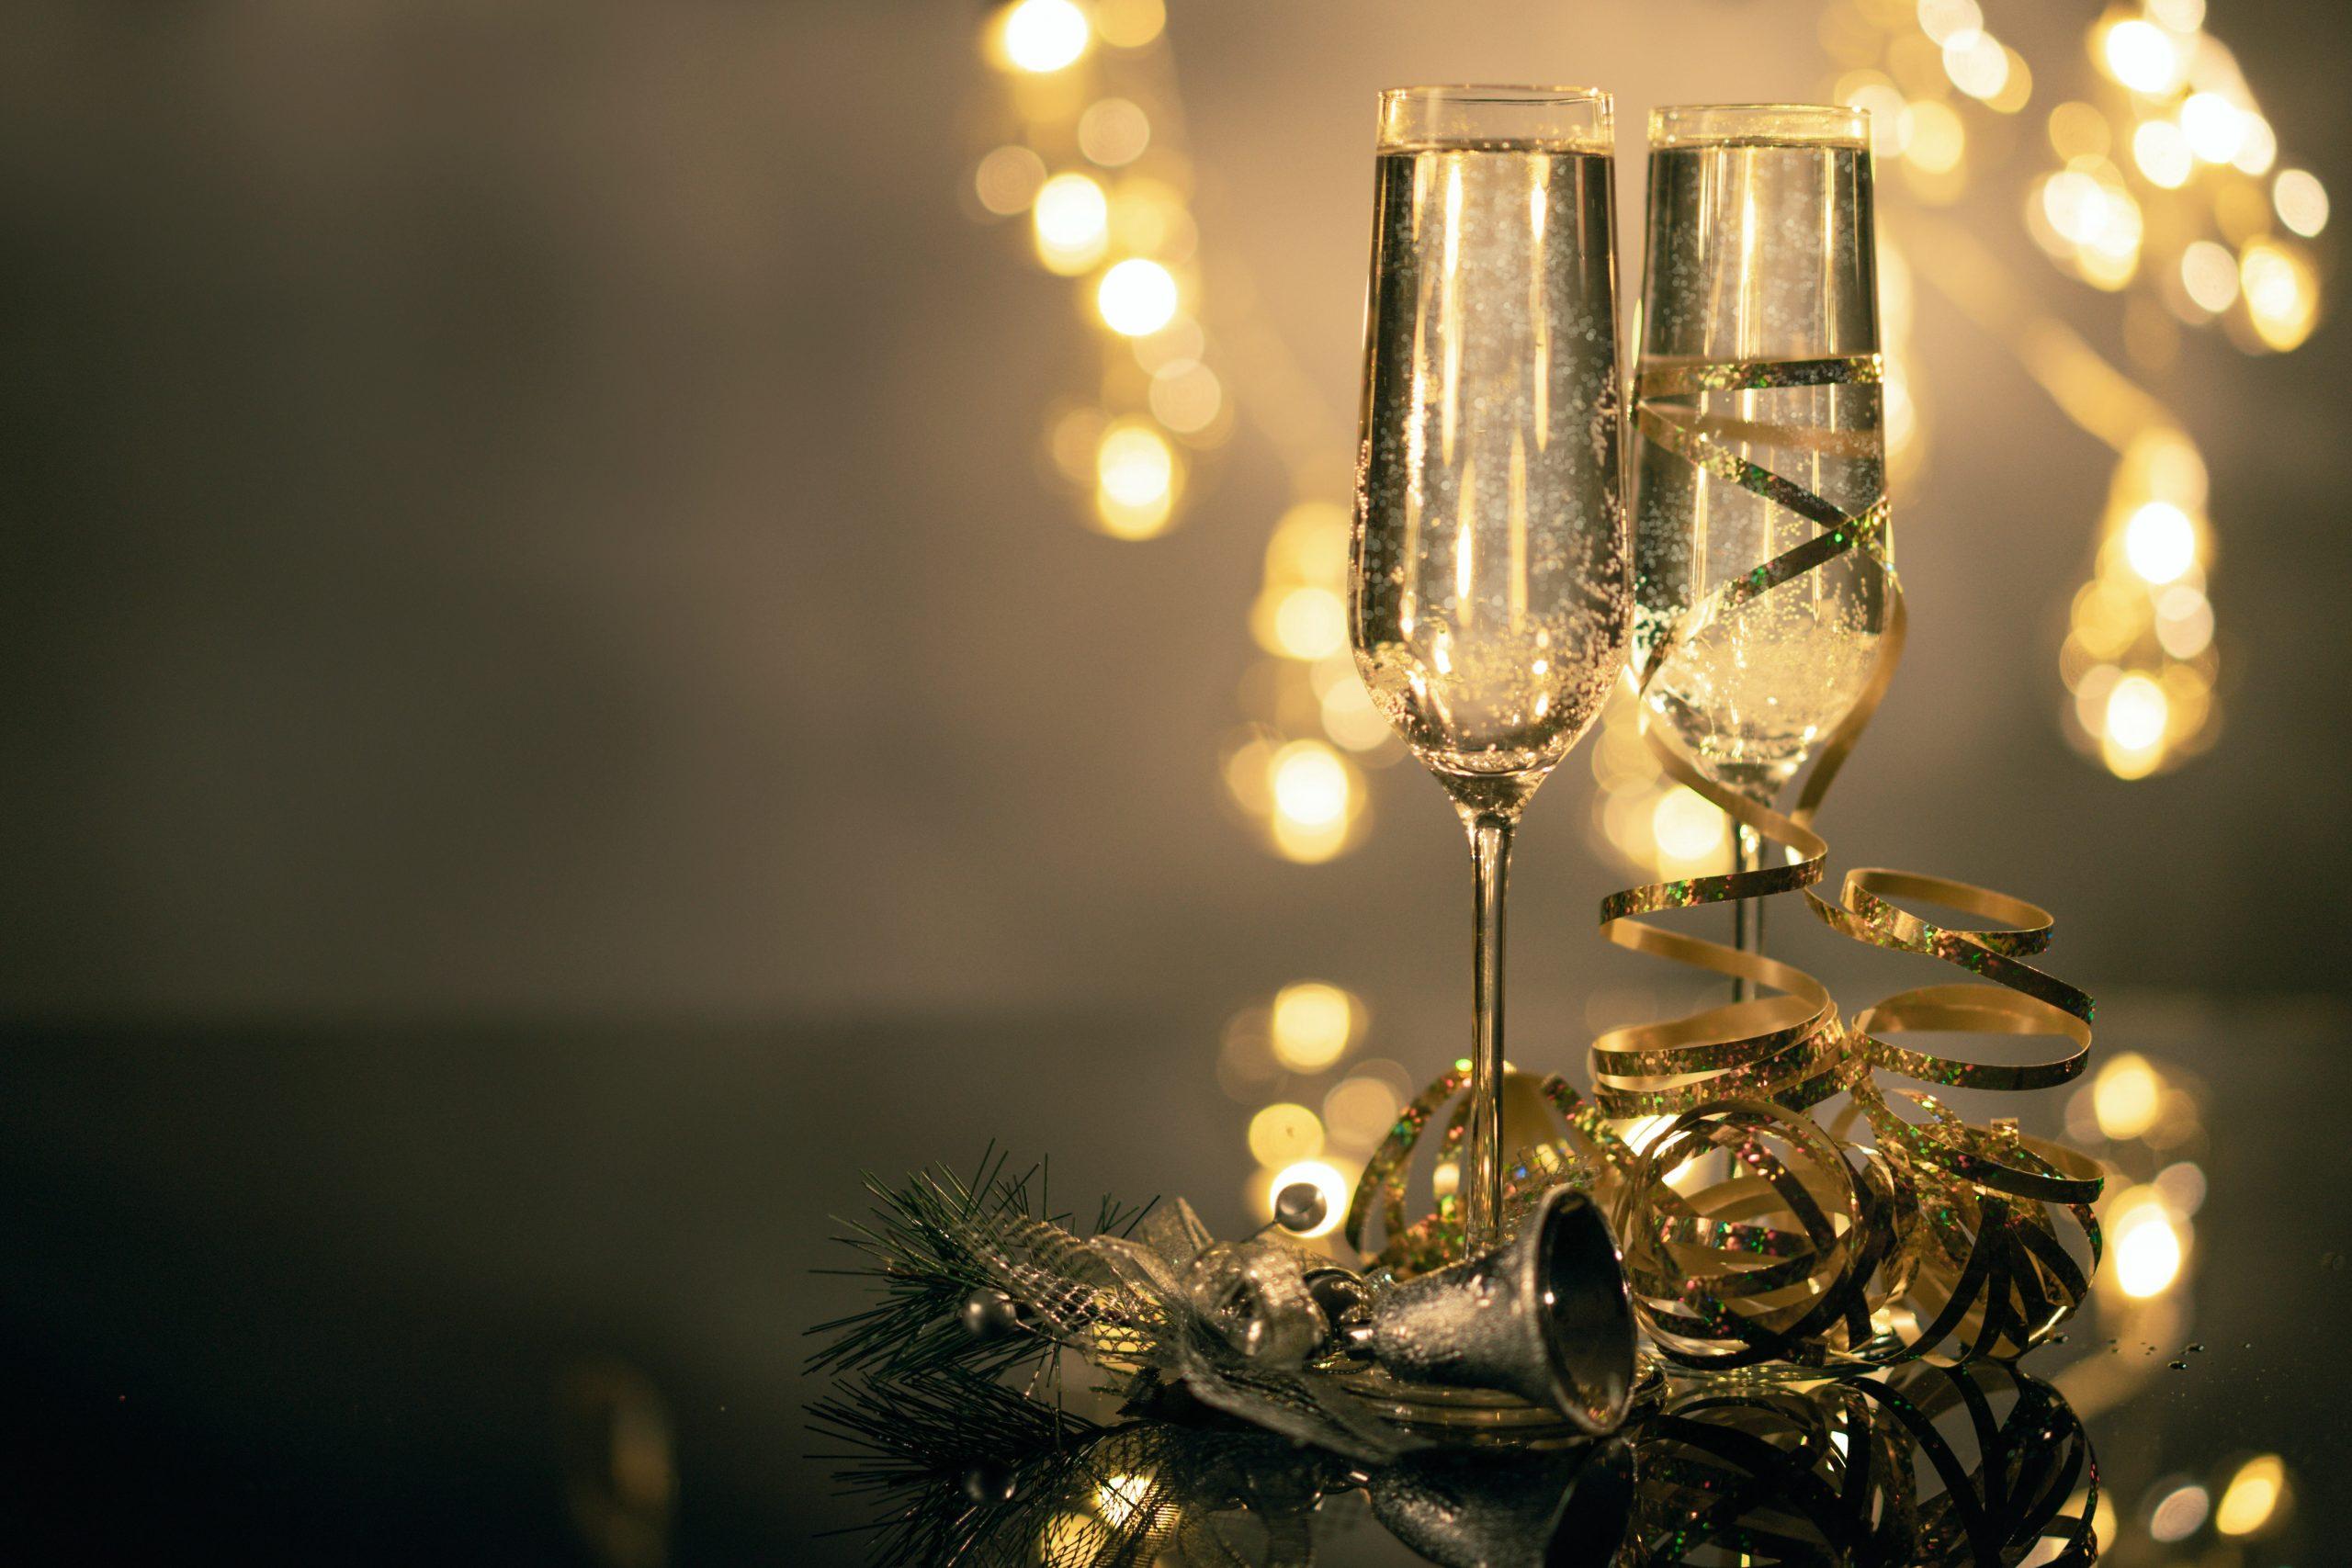 copas de vino y luces